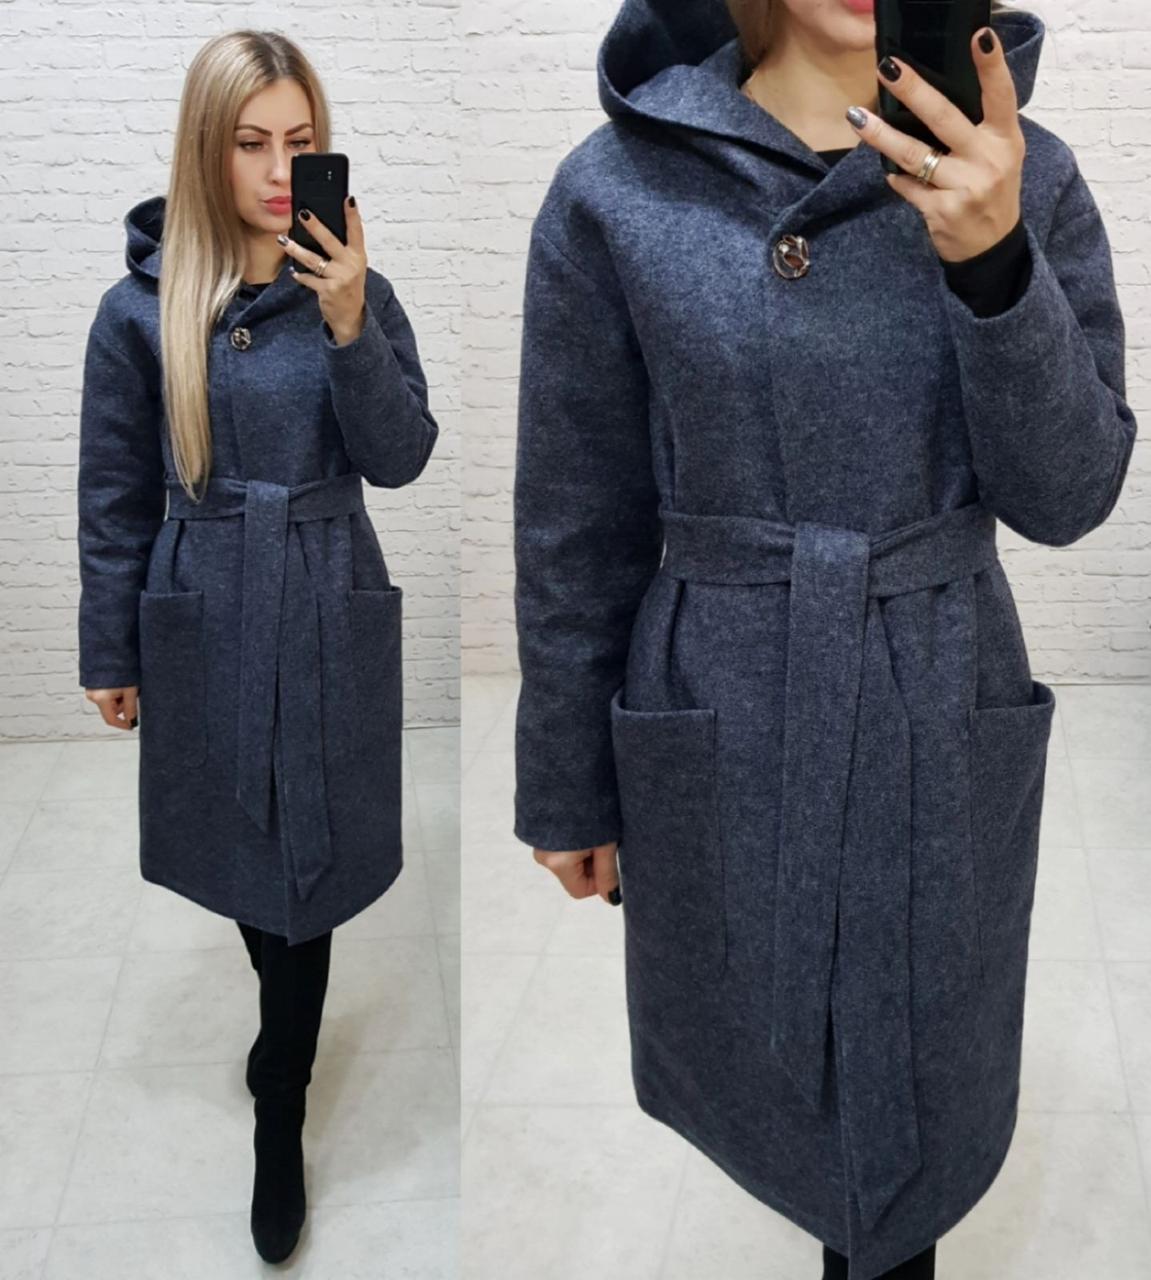 Утеплённое кашемировое пальто на утеплителе с капюшоном,арт 176, цвет  тёмно синий  (5)